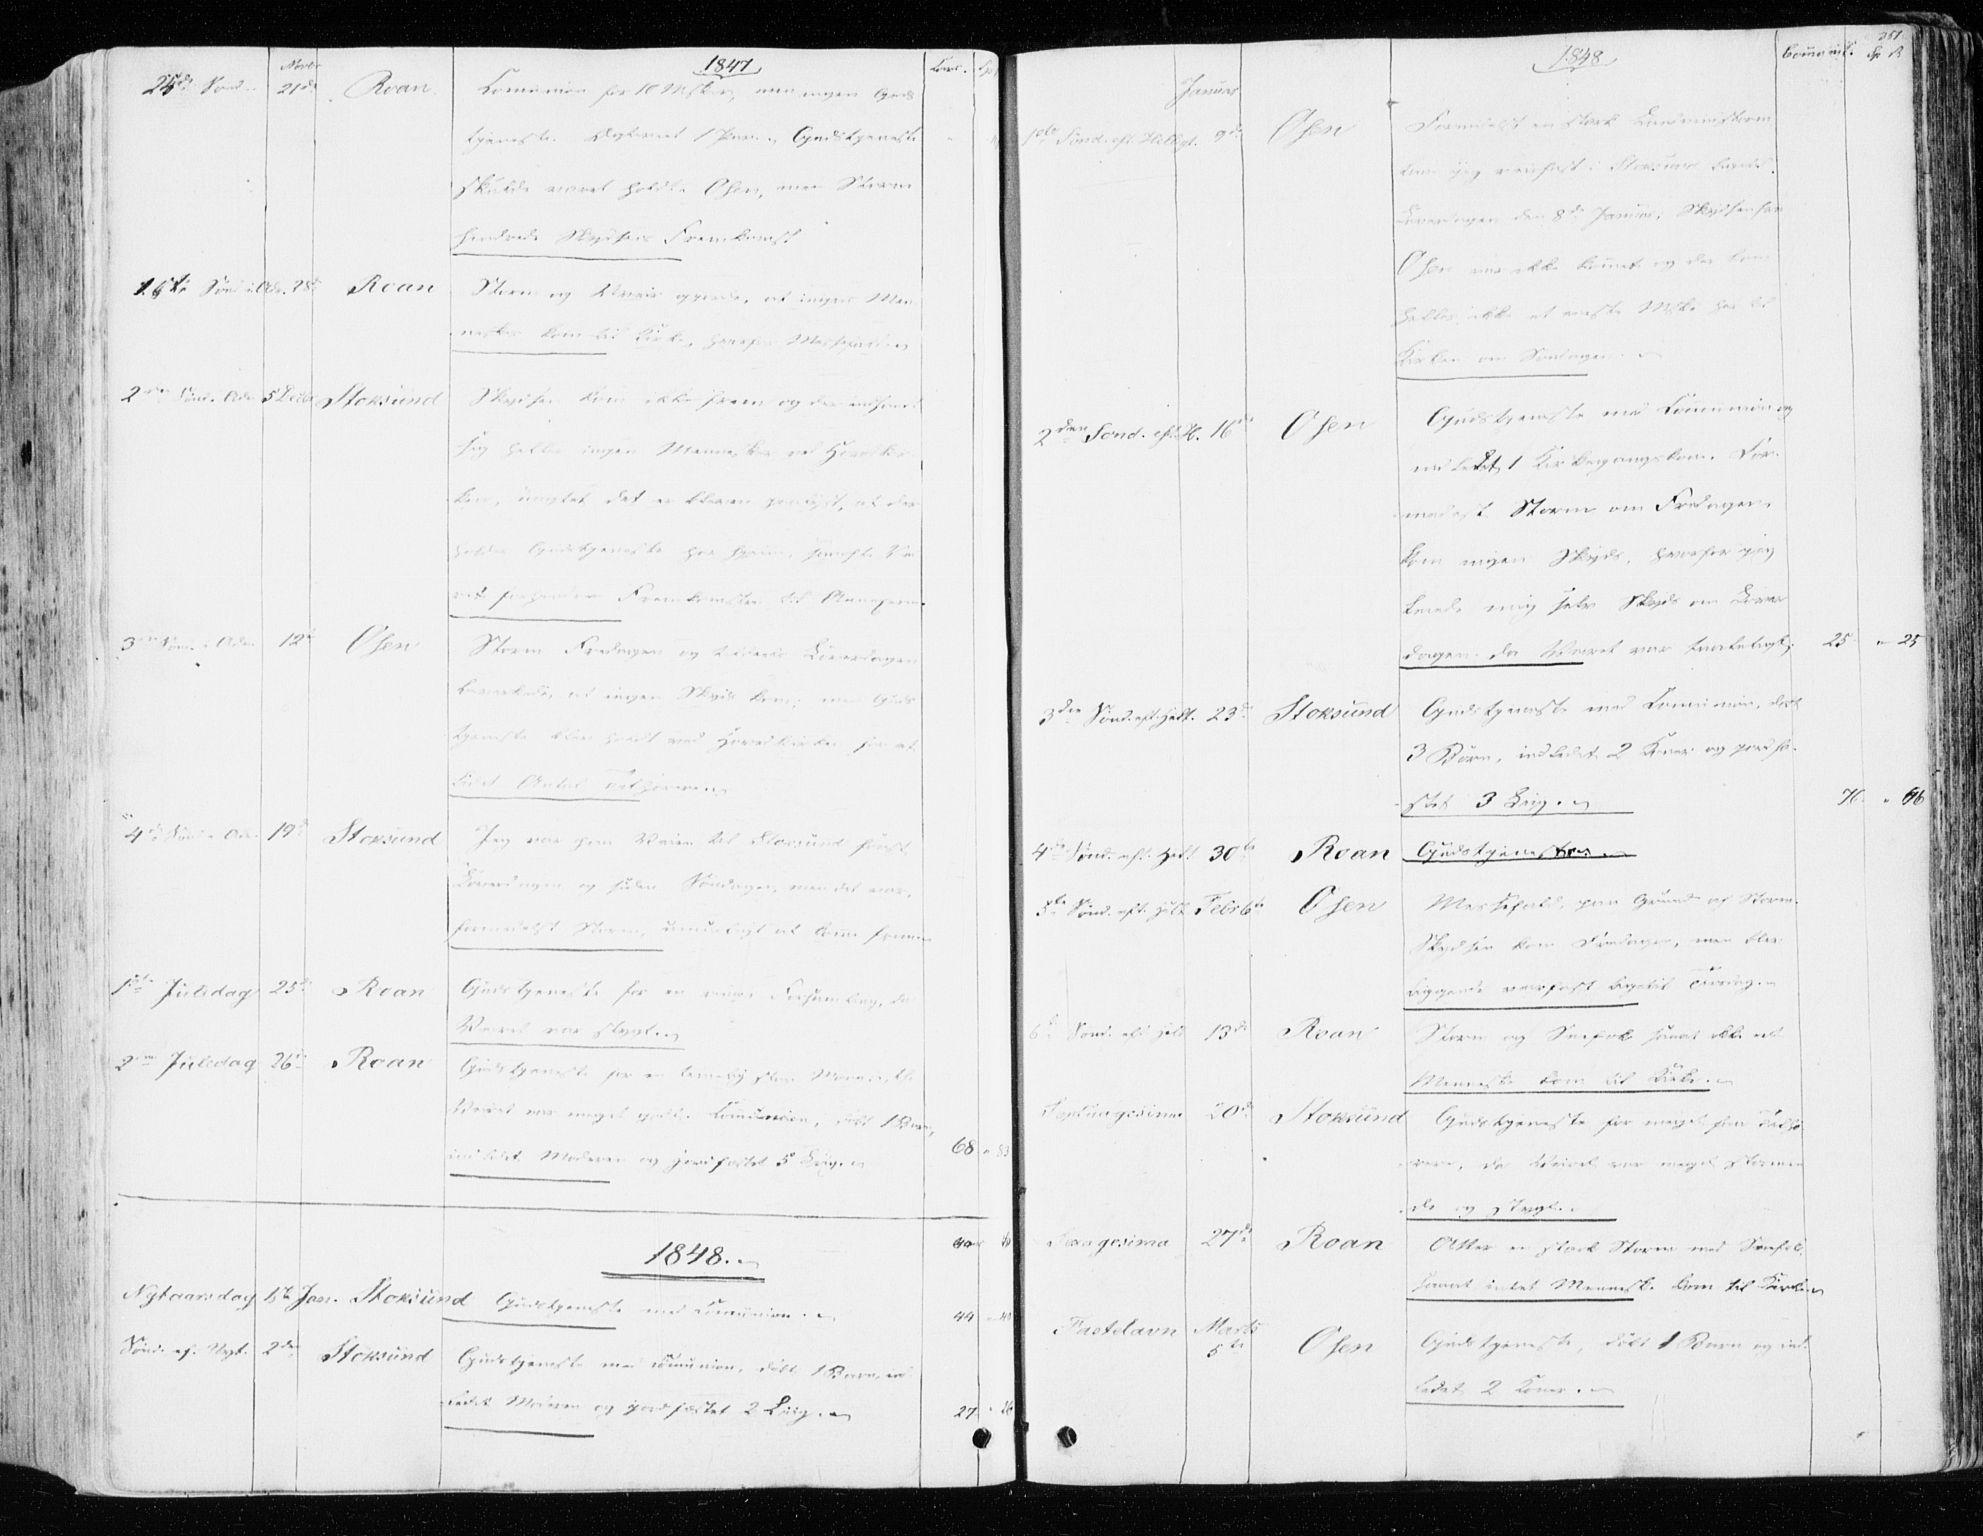 SAT, Ministerialprotokoller, klokkerbøker og fødselsregistre - Sør-Trøndelag, 657/L0704: Ministerialbok nr. 657A05, 1846-1857, s. 351